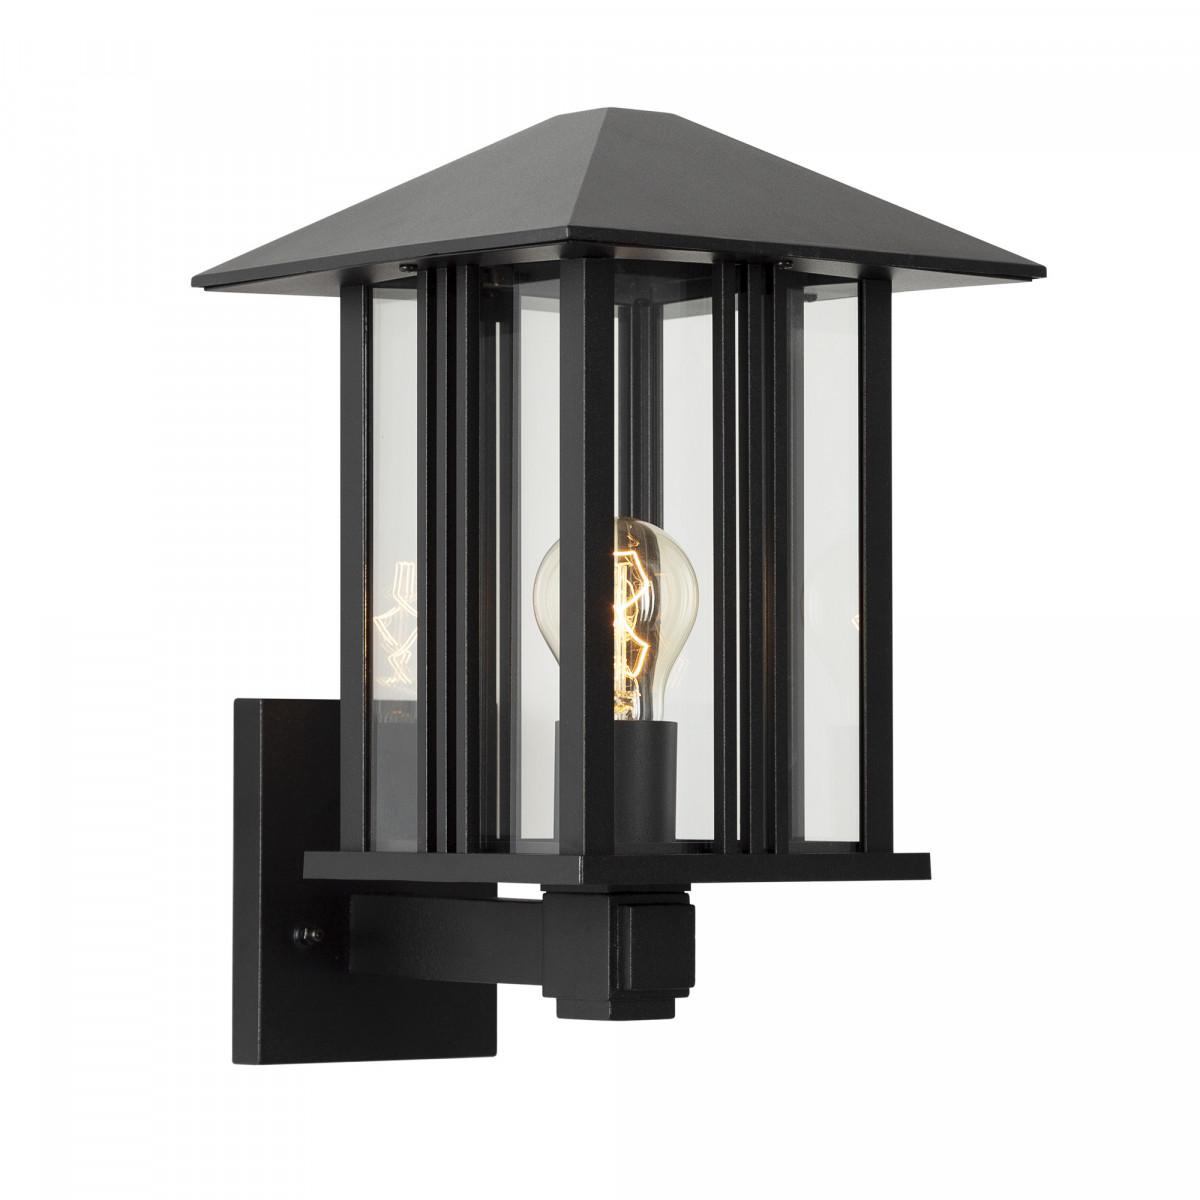 zwarte buitenlamp modern klassiek, KS wandlamp voor buiten met heldere beglazing